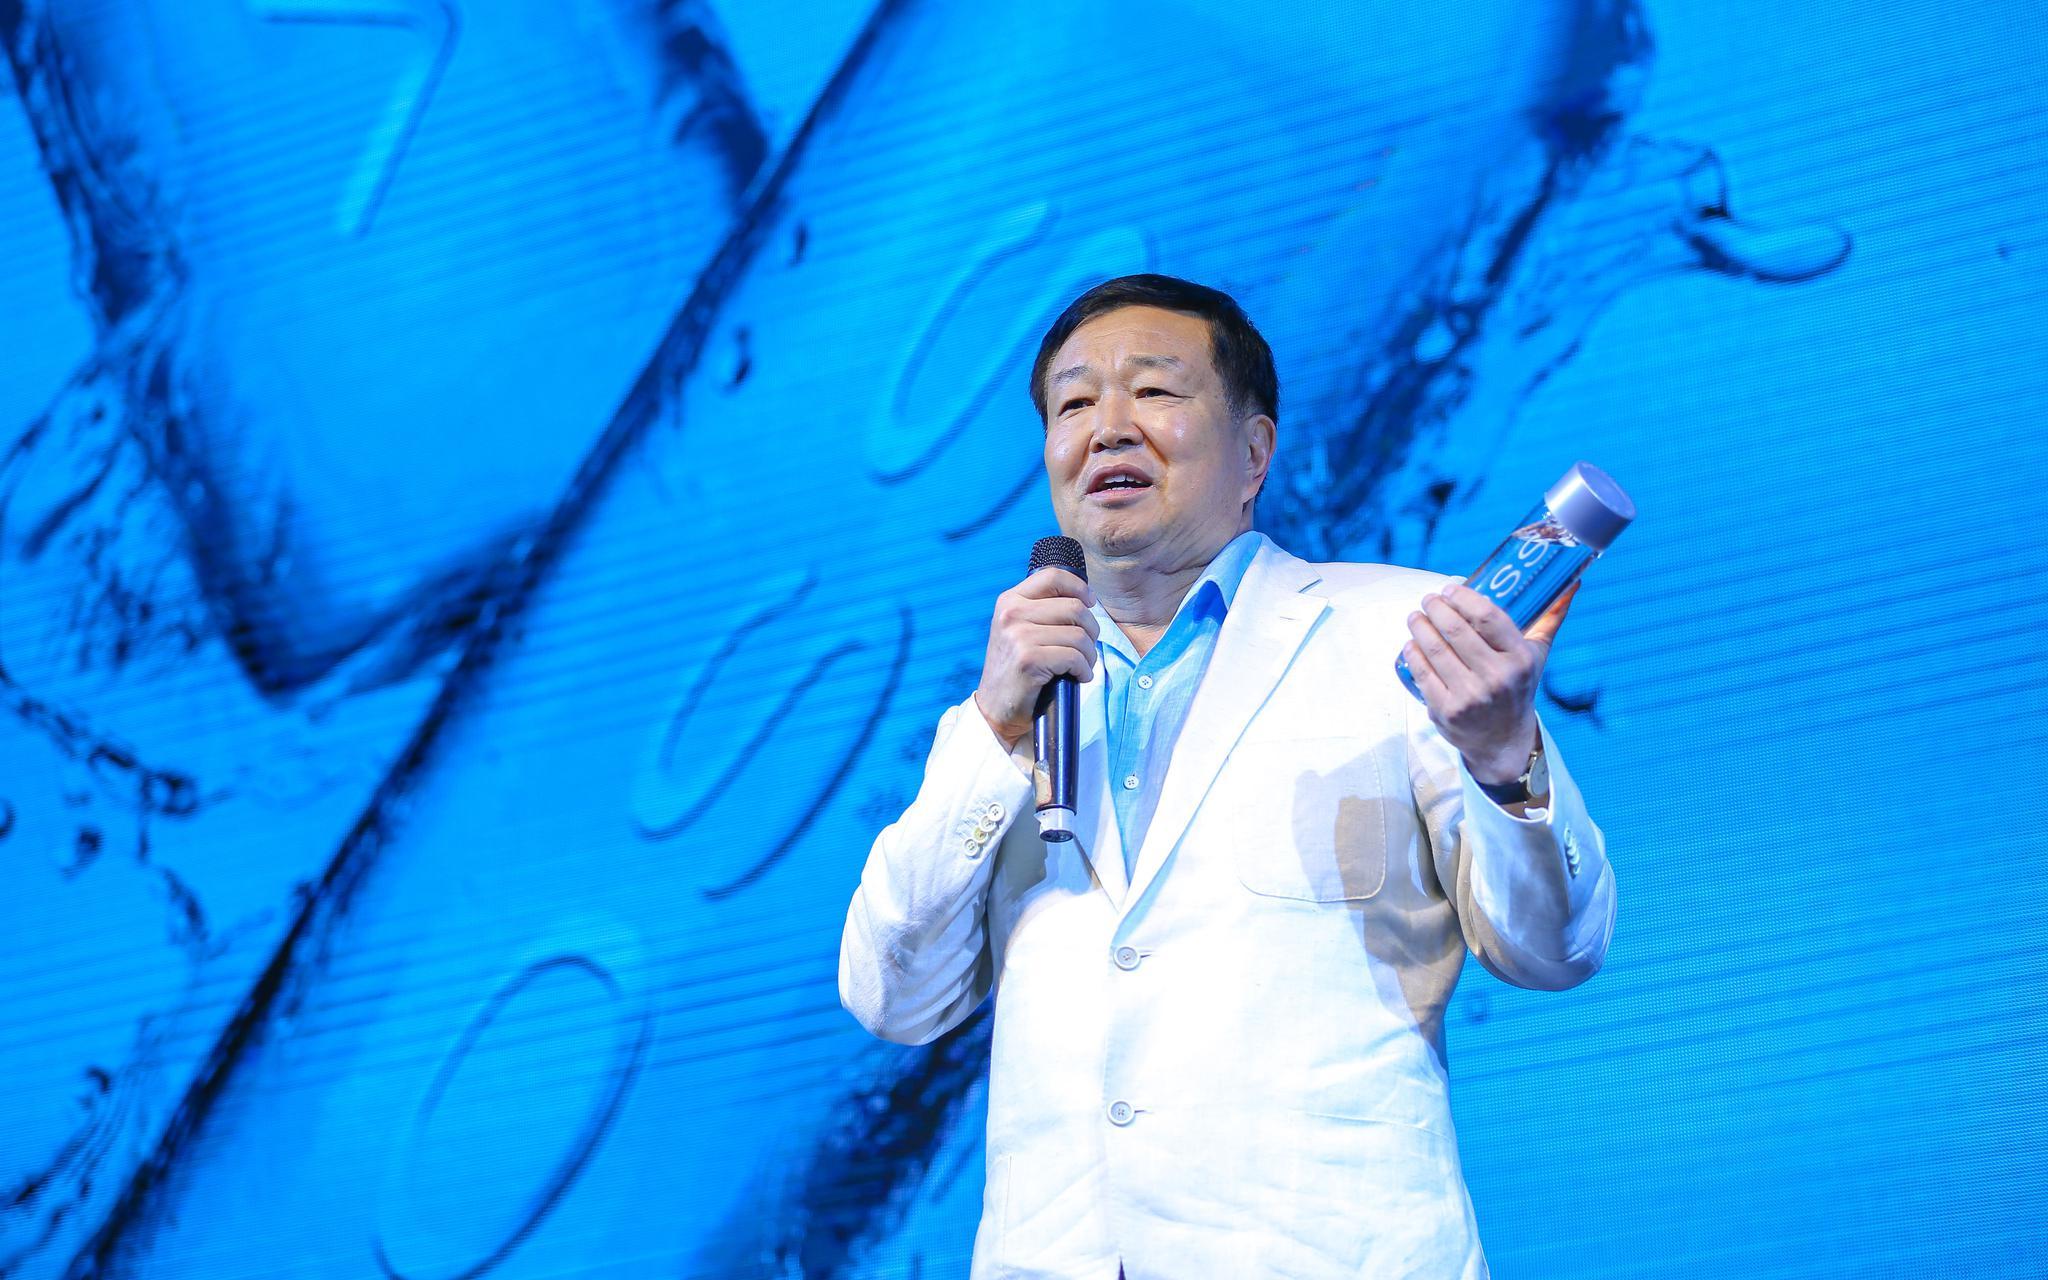 华彬集团董事长严彬:外商可发挥优势有效对接国内外资源